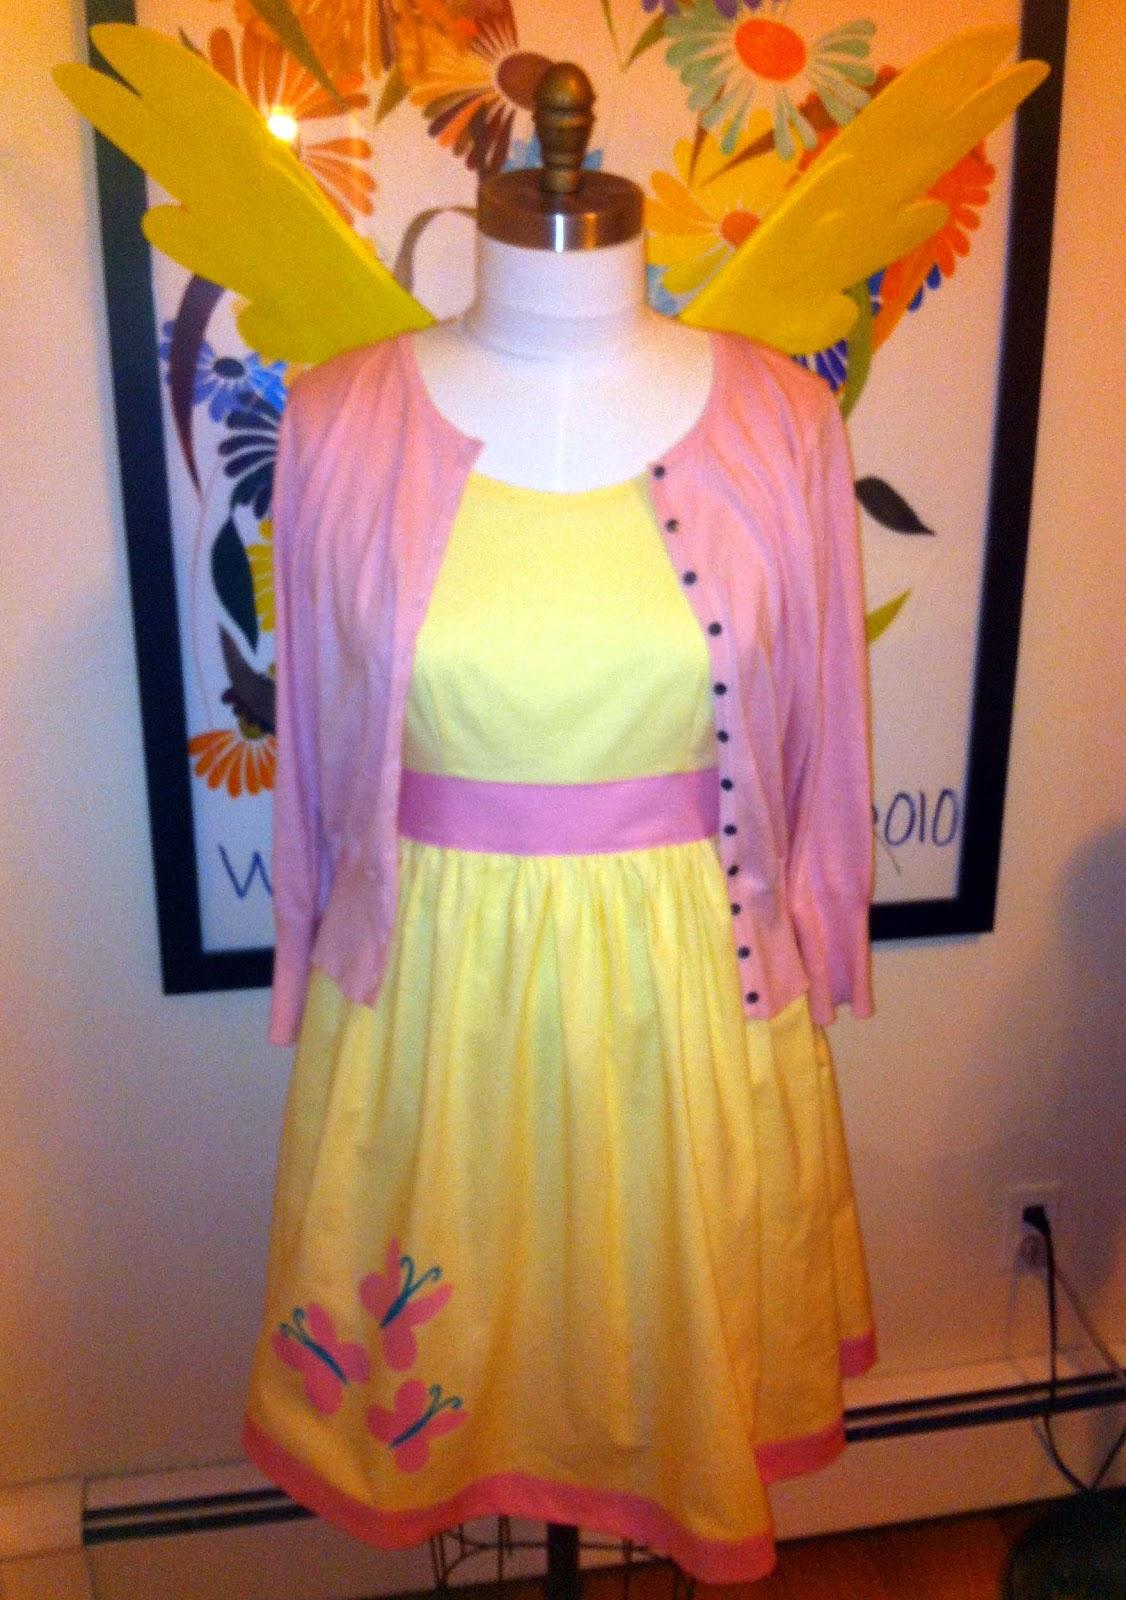 How to Make My Little Pony Craft Foam Wings & Sew Leslie: Coming Soon! How to Make My Little Pony Craft Foam Wings